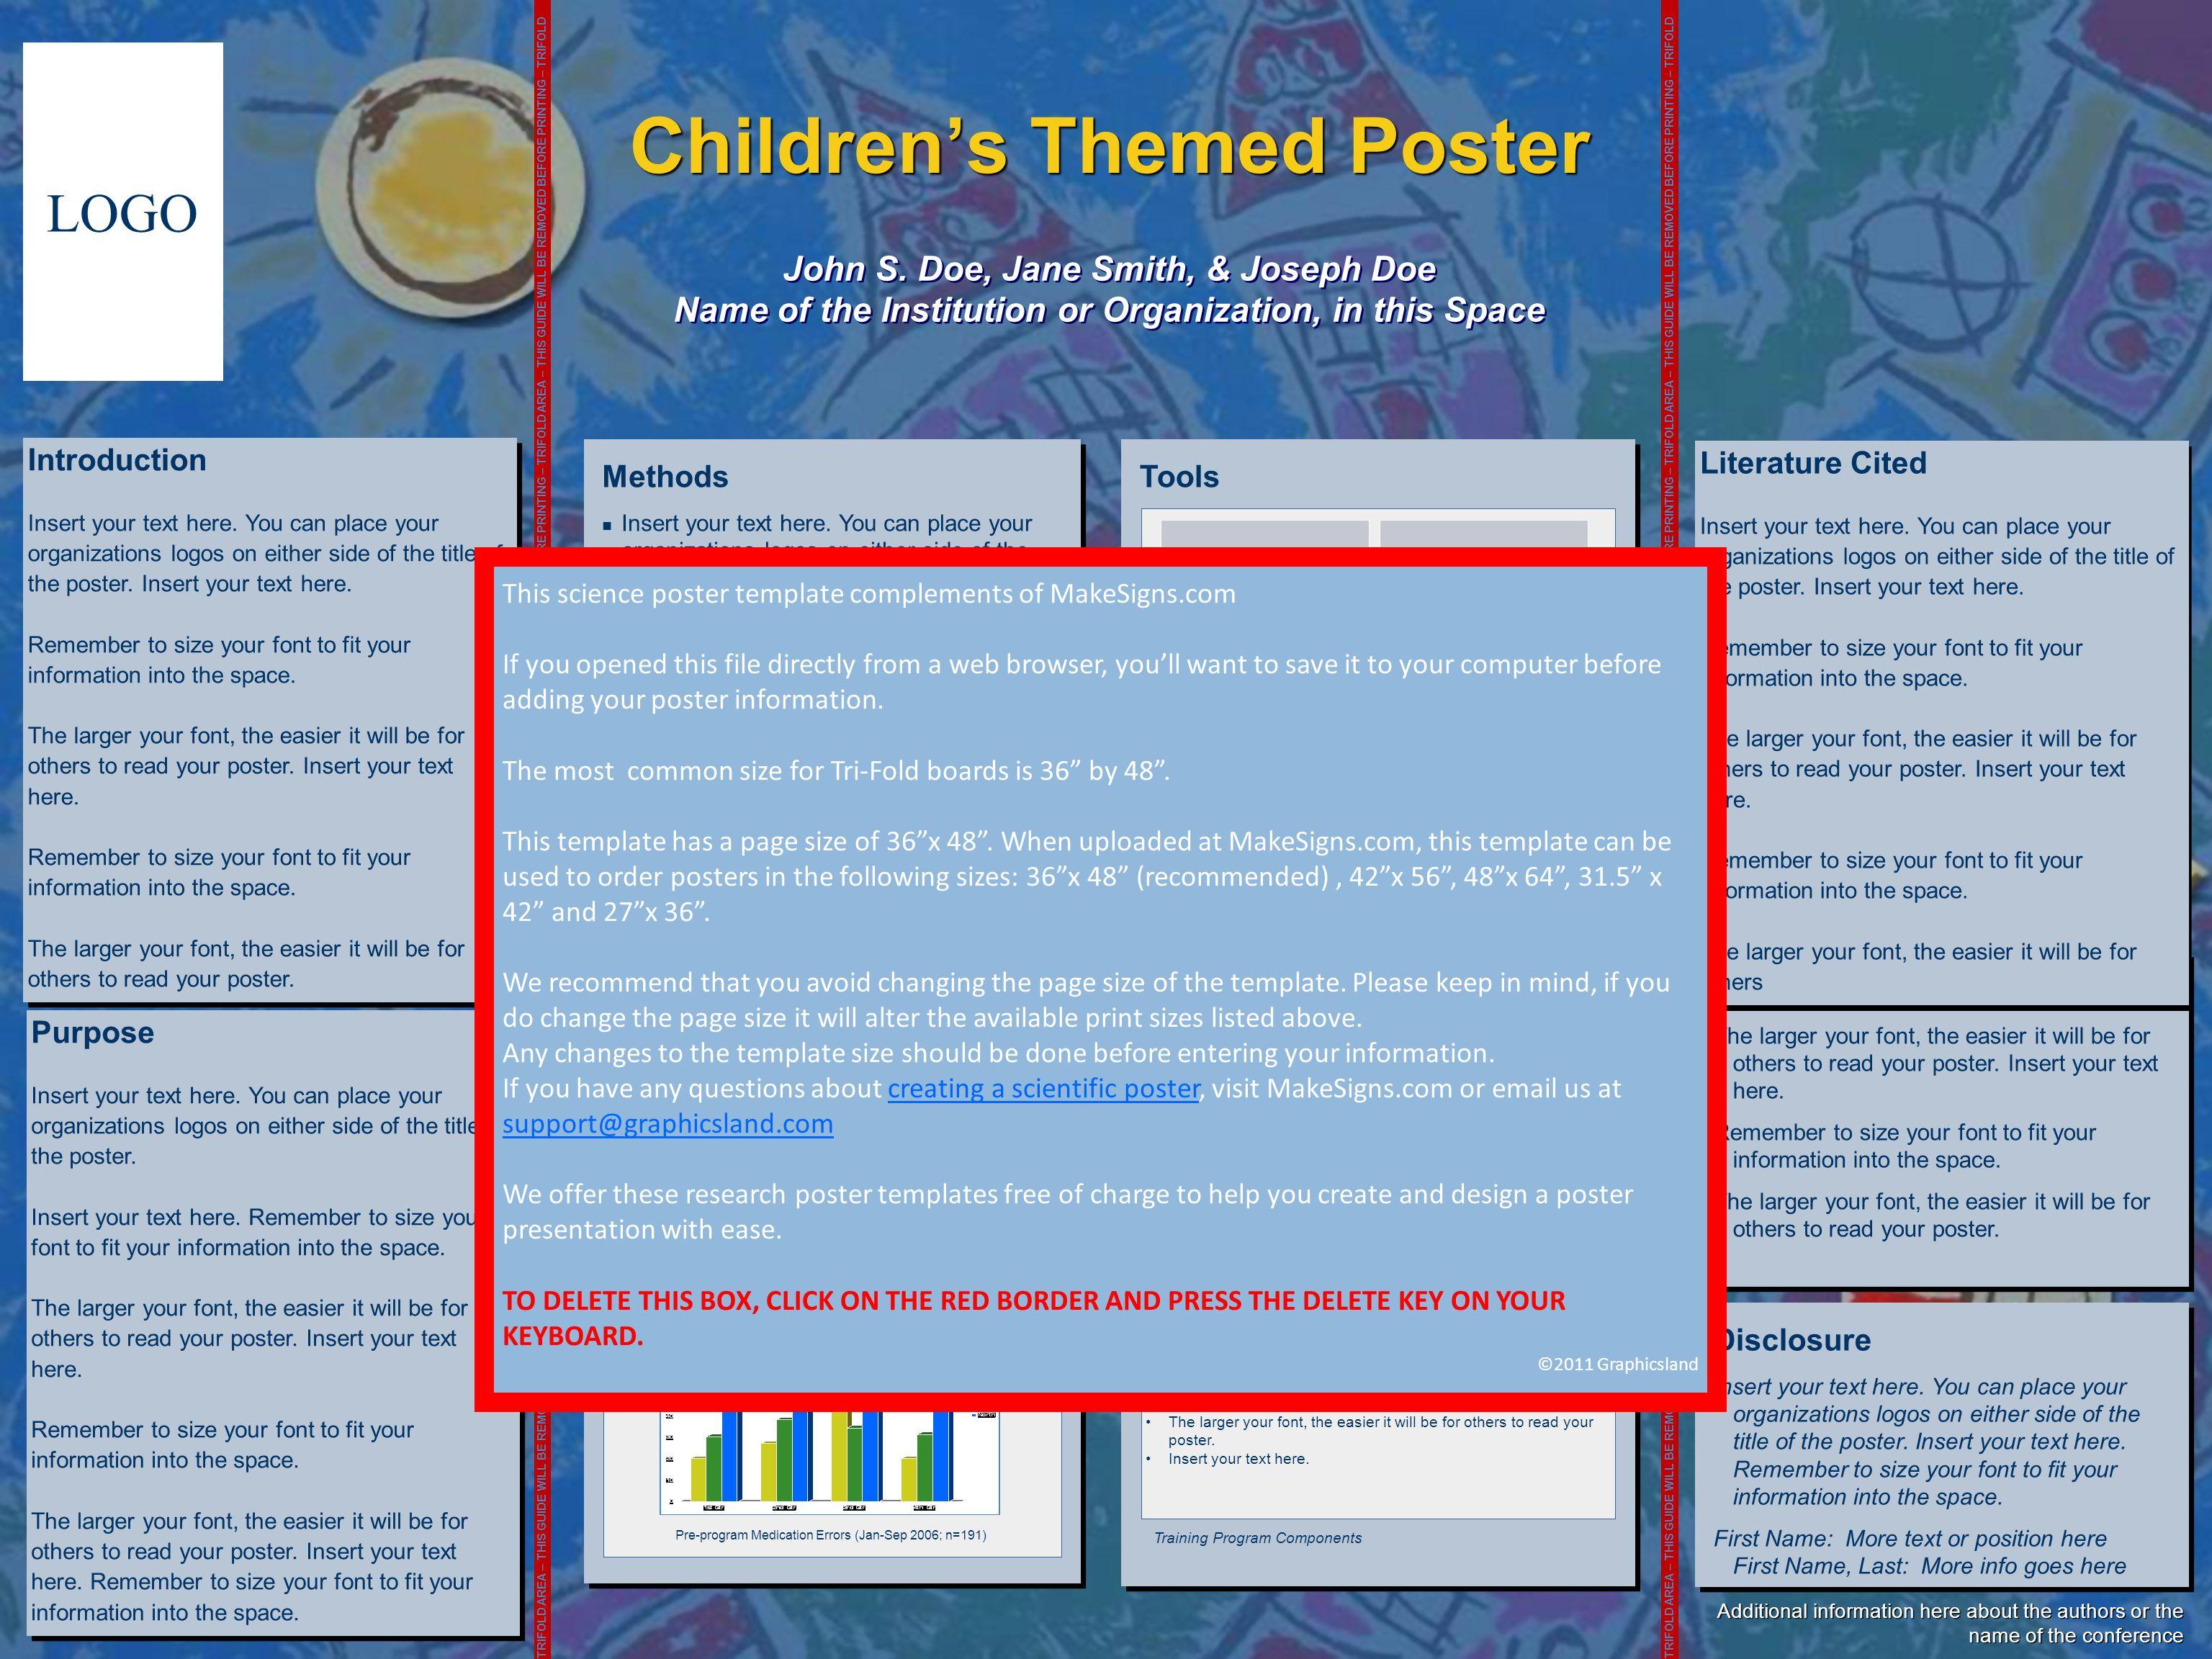 Childrens Themed Poster John S.